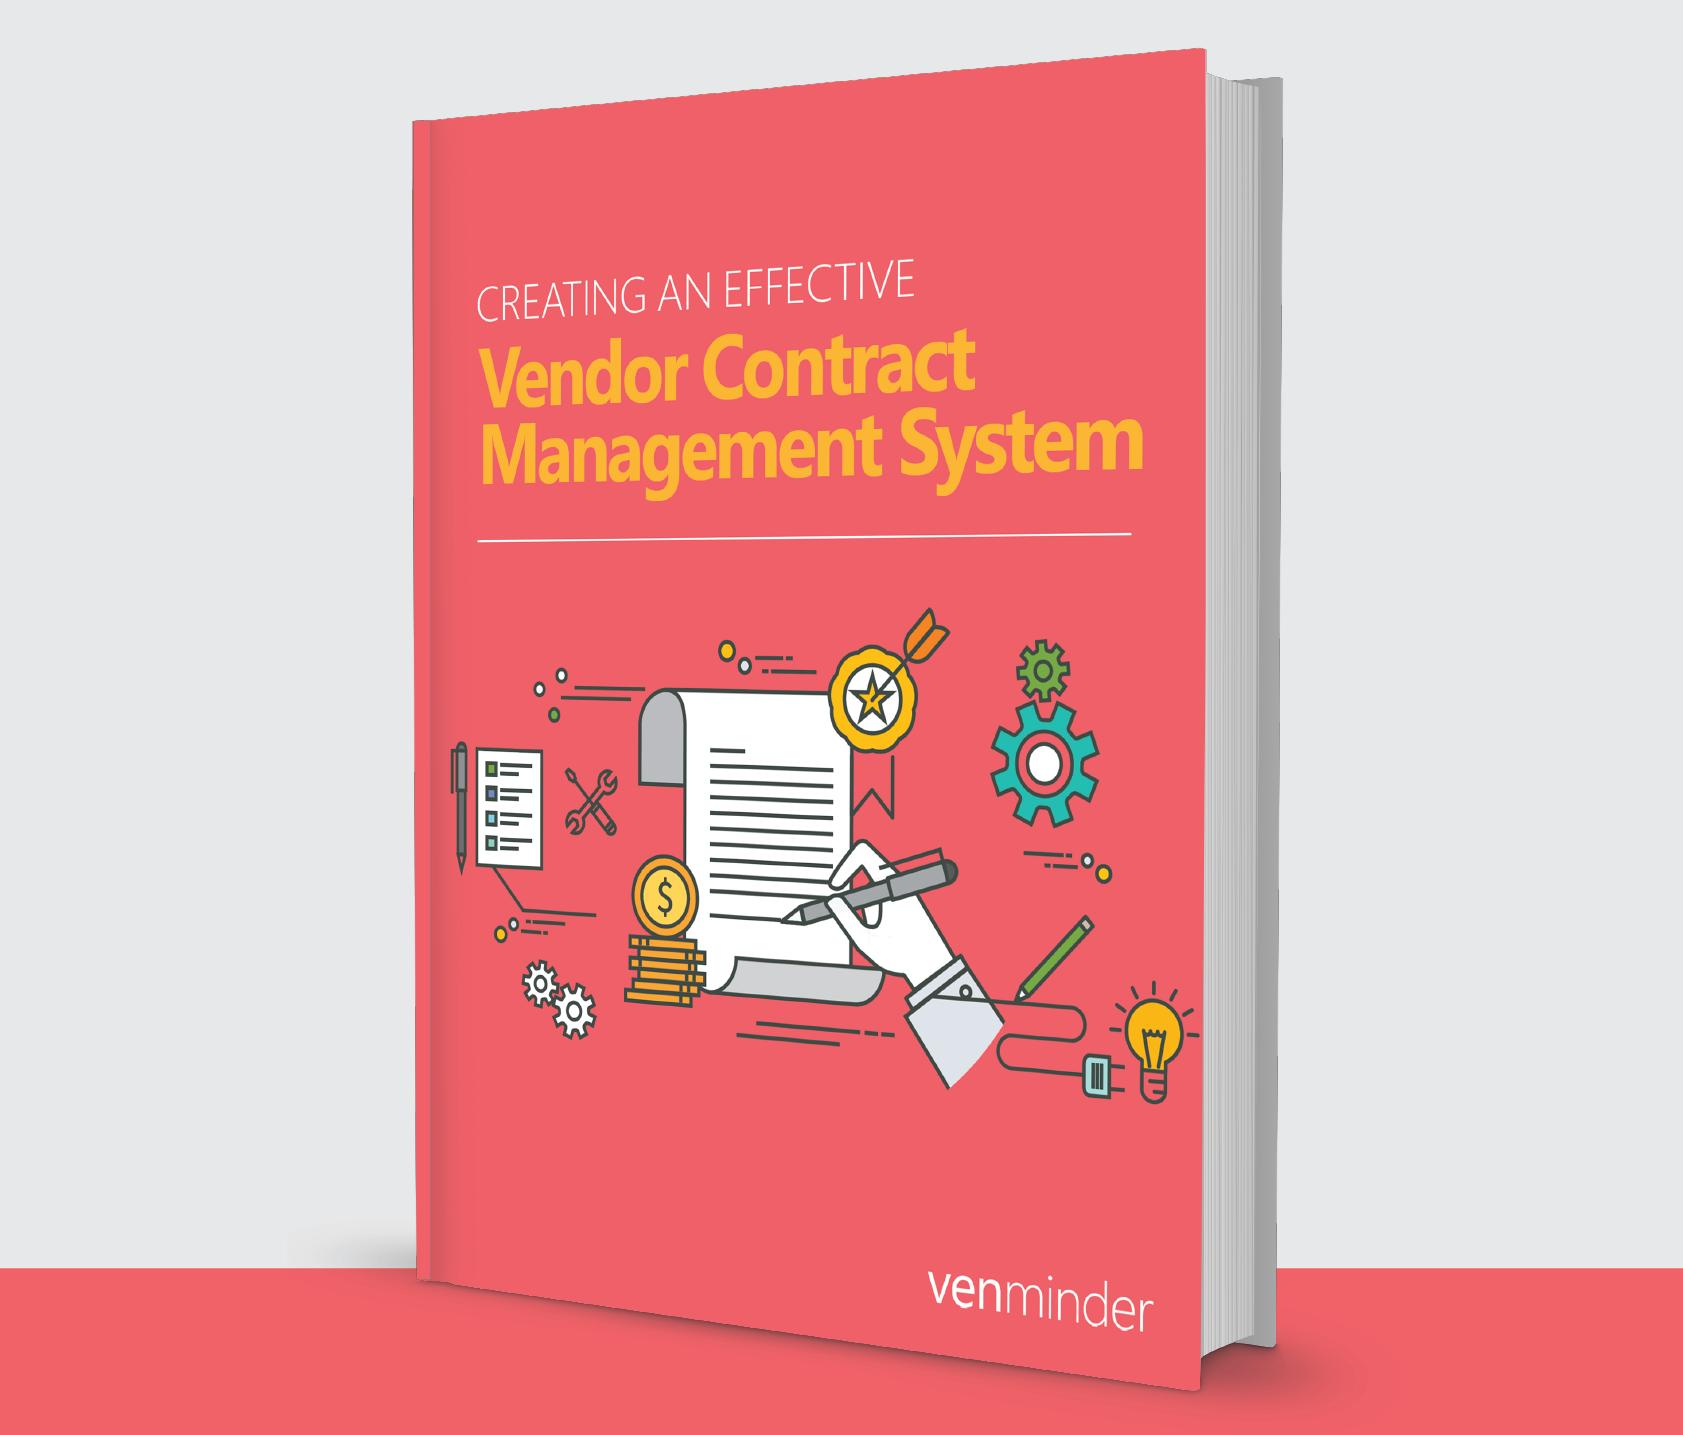 designing effective relationship management system